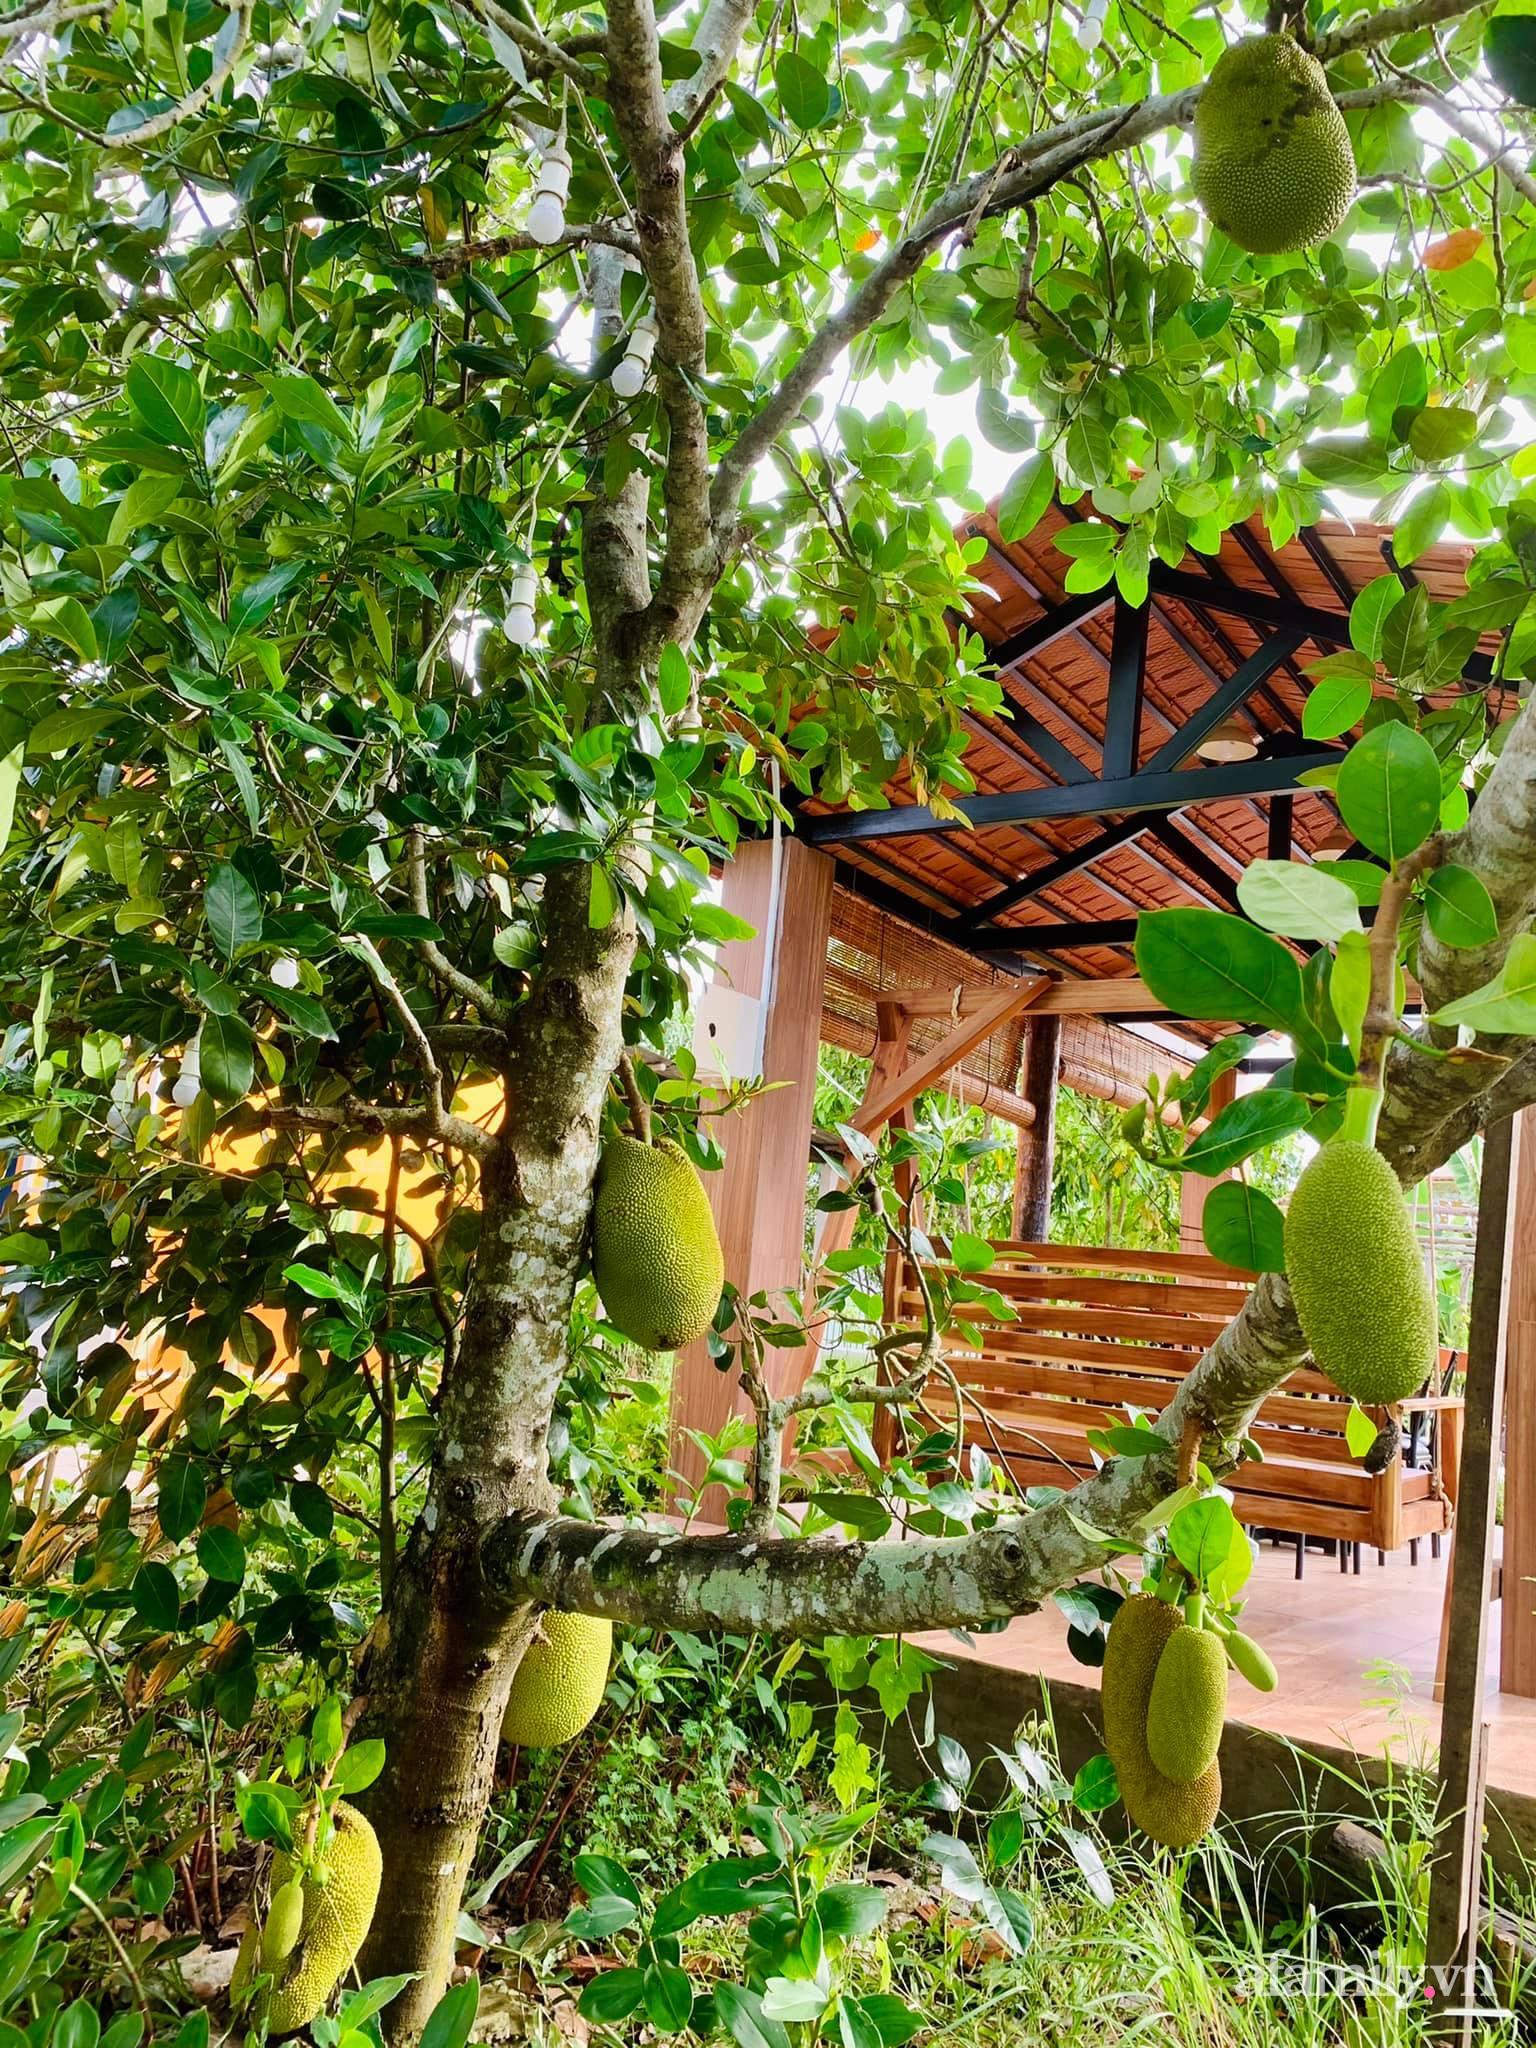 Sống an yên giữa dịch COVID nhờ ao cá vườn cây xanh mát tốt tươi ở Bạc Liêu - Ảnh 9.